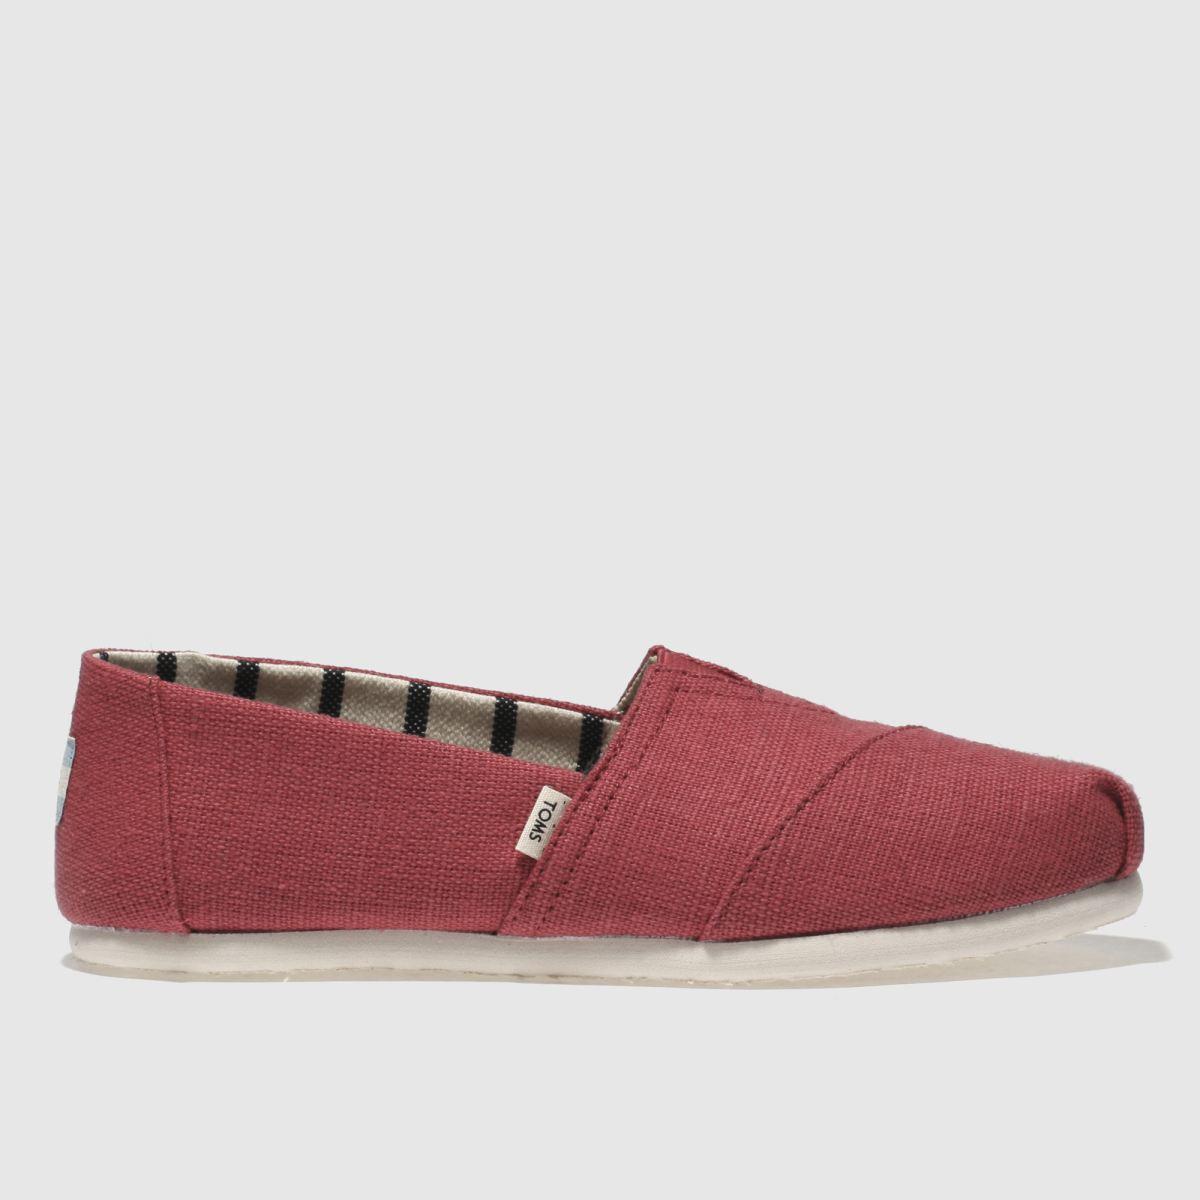 Toms Red Alpargata Venice Flat Shoes